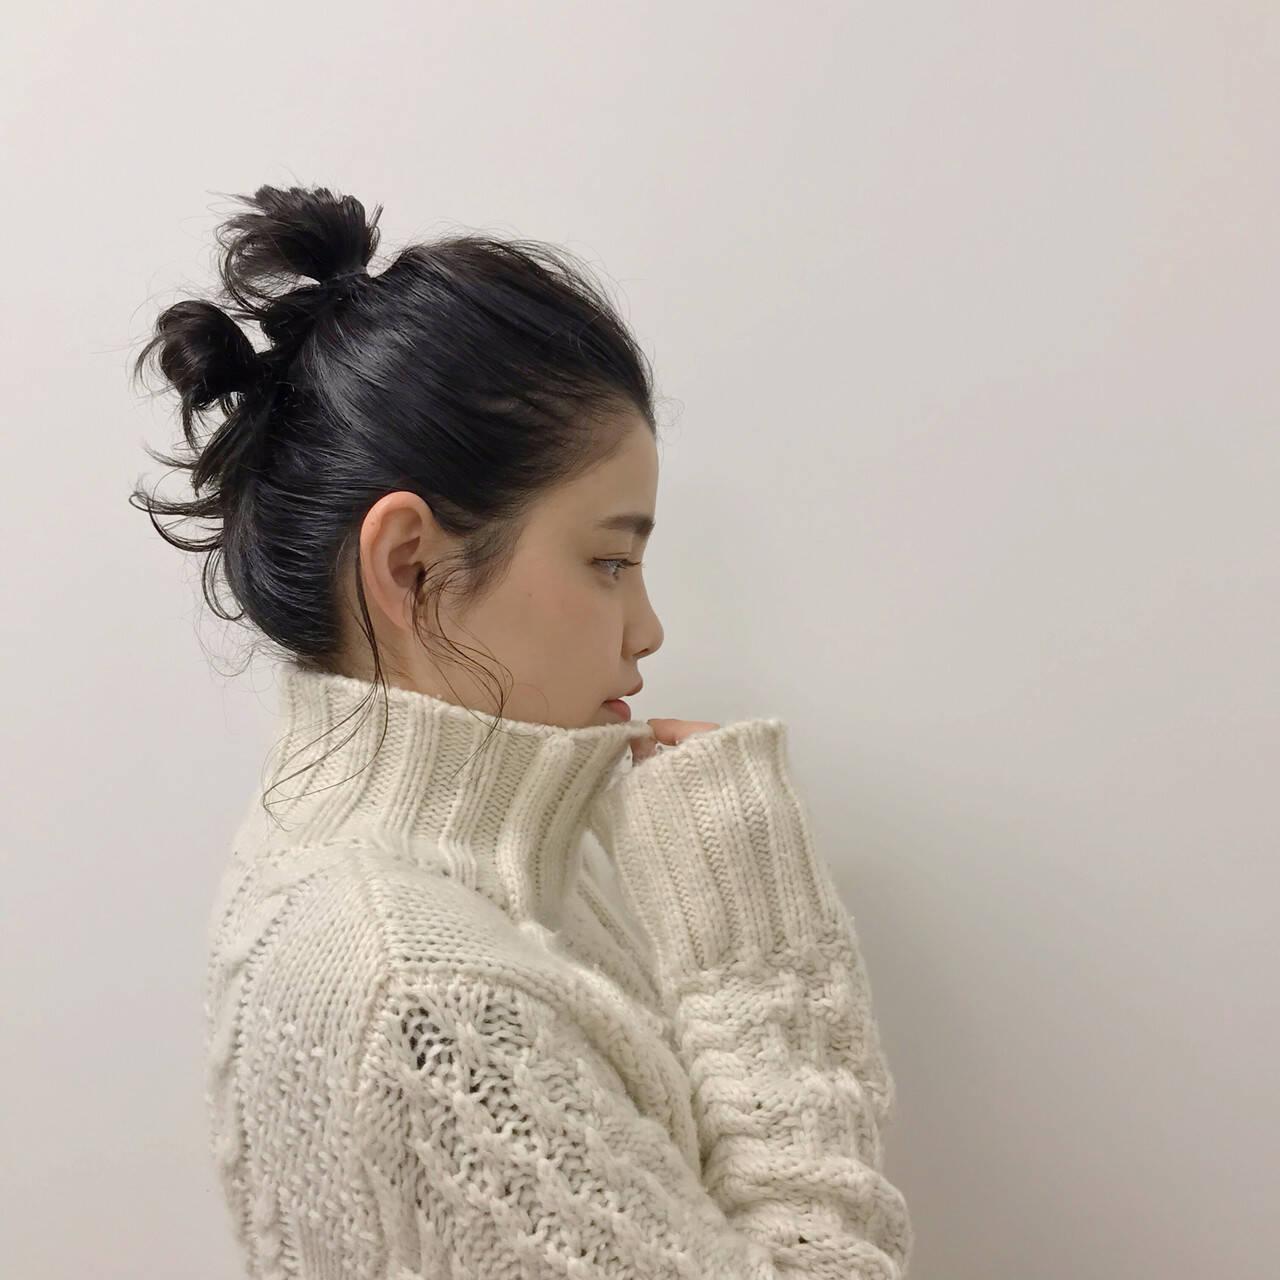 ミディアム ヘアアレンジ 黒髪 福岡市ヘアスタイルや髪型の写真・画像